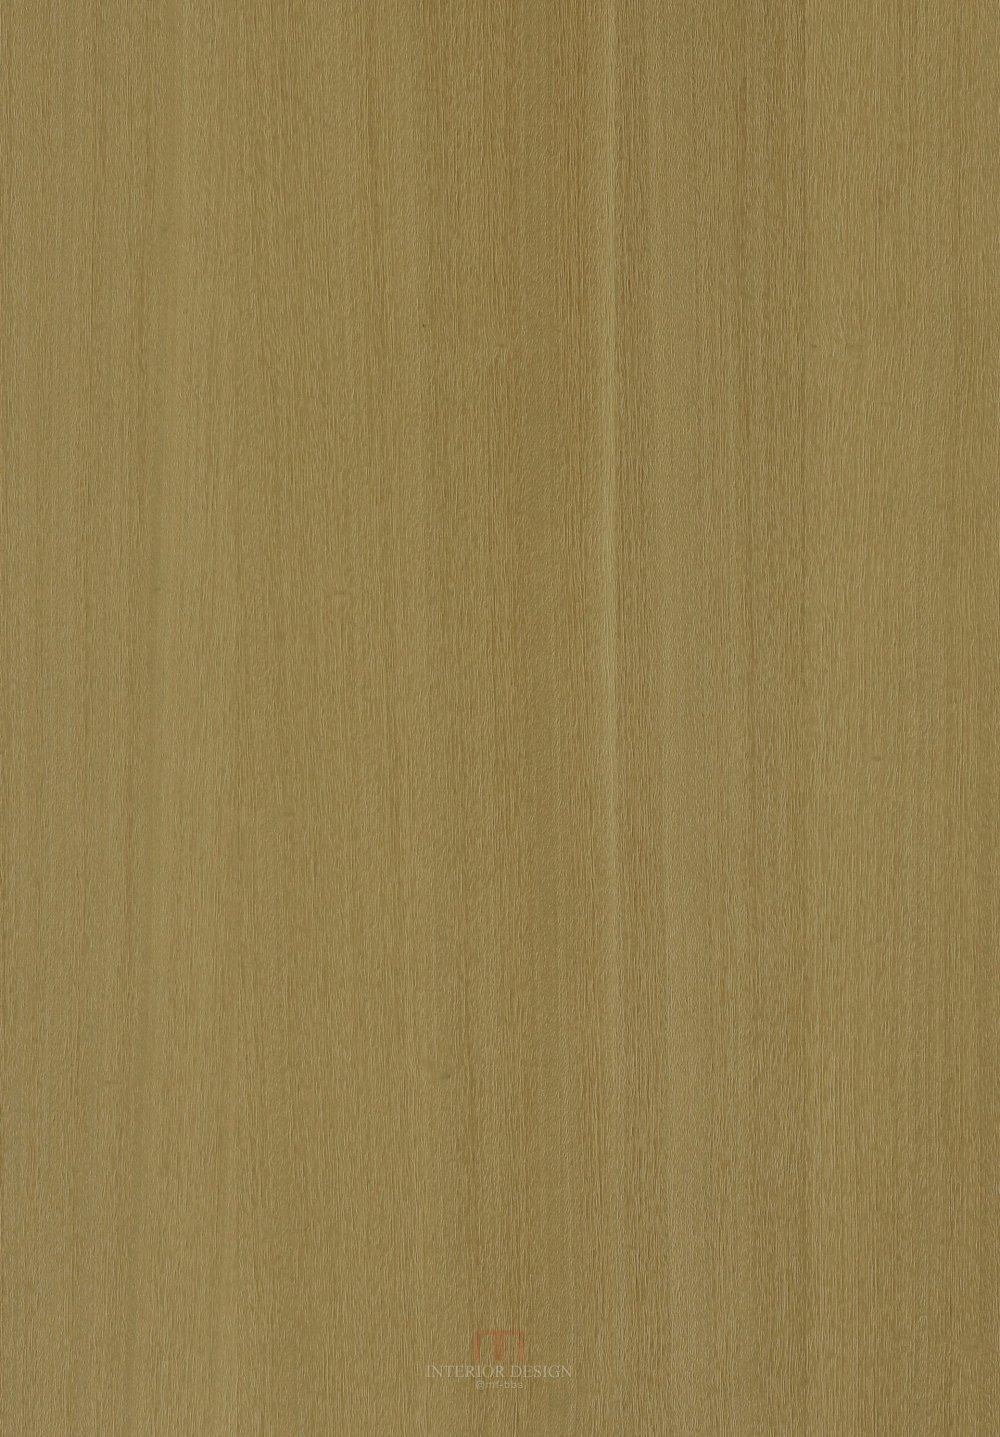 天然木纹_K6125CN_F0603.JPG